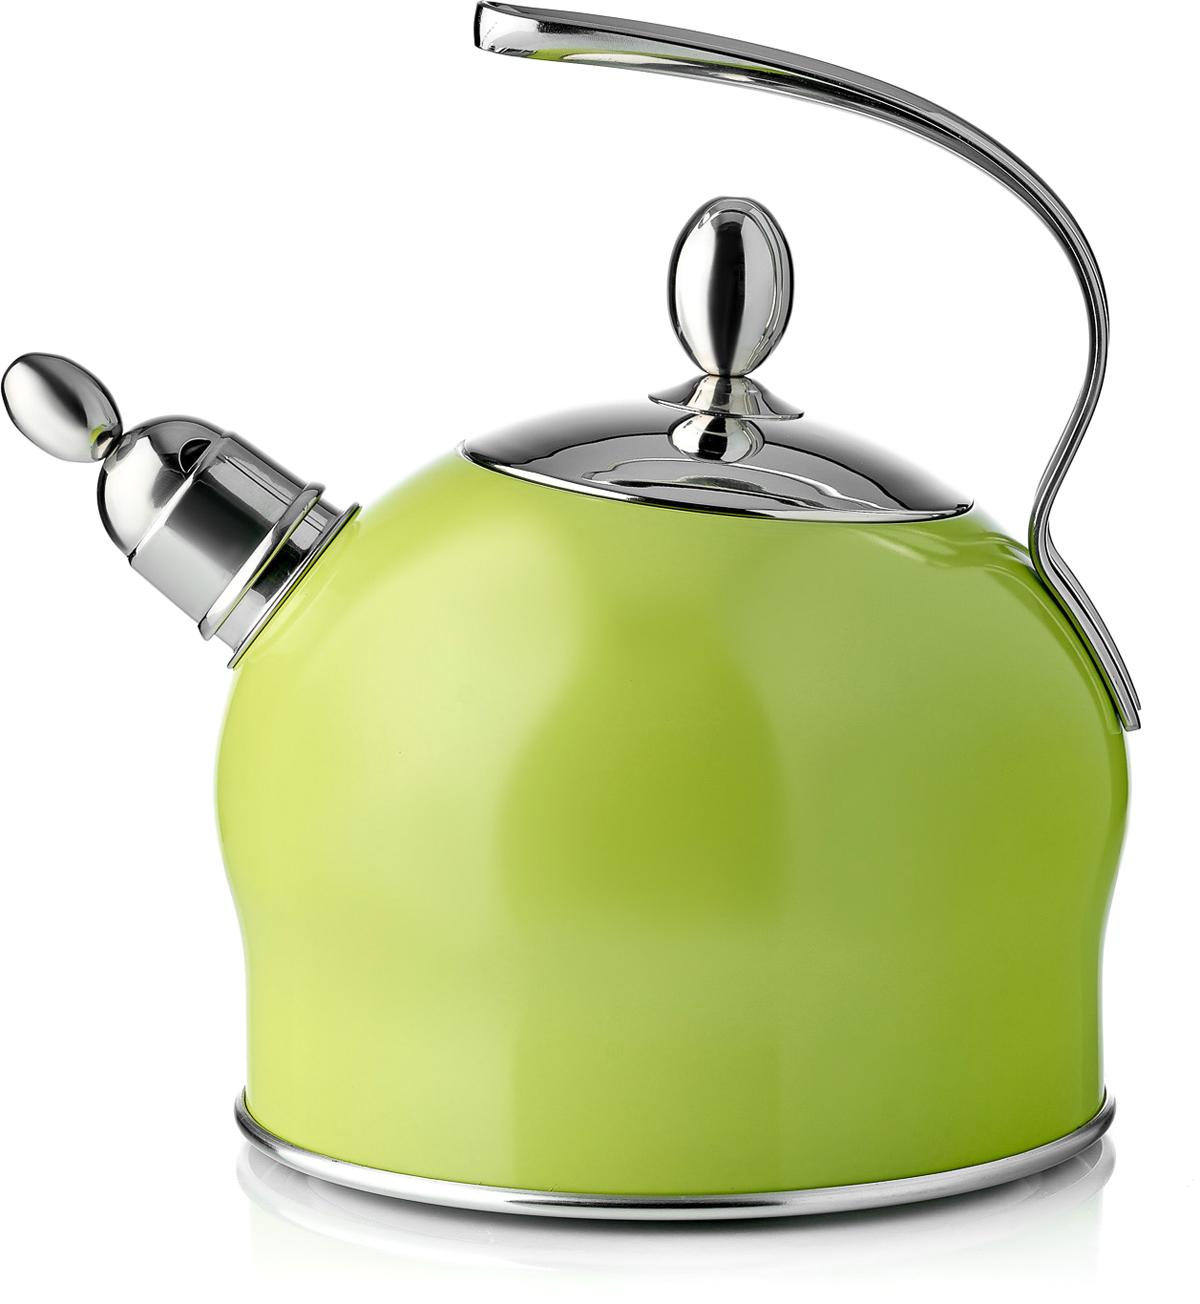 """Чайник Esprado """"Ritade"""" изготовлен из специальной высококачественной нержавеющей пищевой стали Steelagen, разработанной датскими специалистами марки """"Esprado"""". Благодаря отличным антикоррозионным свойствам Steelagen устойчива к воздействию соленой и кислой сред. Сталь прочна и долговечна, а также безопасна для здоровья человека и окружающей среды. Внешние стенки чайника покрыты цветной жаростойкой эмалью, выдерживающей нагрев до 220°С.  Трехслойное капсулированное дно (нержавеющая сталь, алюминий, магнитная сталь) обеспечивает равномерный нагрев посуды и постепенное остывание (эффект томления).  Чайник оснащен удобной стальной ручкой.  Носик чайника имеет насадку-свисток, что позволит вам контролировать процесс подогрева или кипячения воды.  Подходит для использования на всех видах плит, включая индукционные.   В Испании распространен горшочек-""""яблоко"""", в котором готовят традиционный испанский томатный суп, - считается, что в посуде именно такой формы тушеные блюда и супы густой консистенции получаются просто идеальными.  Торговая марка """"Esprado"""" представляет аналог этой известной посуды - коллекцию """"Ritade"""", произведенную с использованием современных высококачественных материалов и покрытий. Коллекция отличается современным дизайном, и благодаря округлой форме и насыщенному цвету выглядит очень привлекательно."""